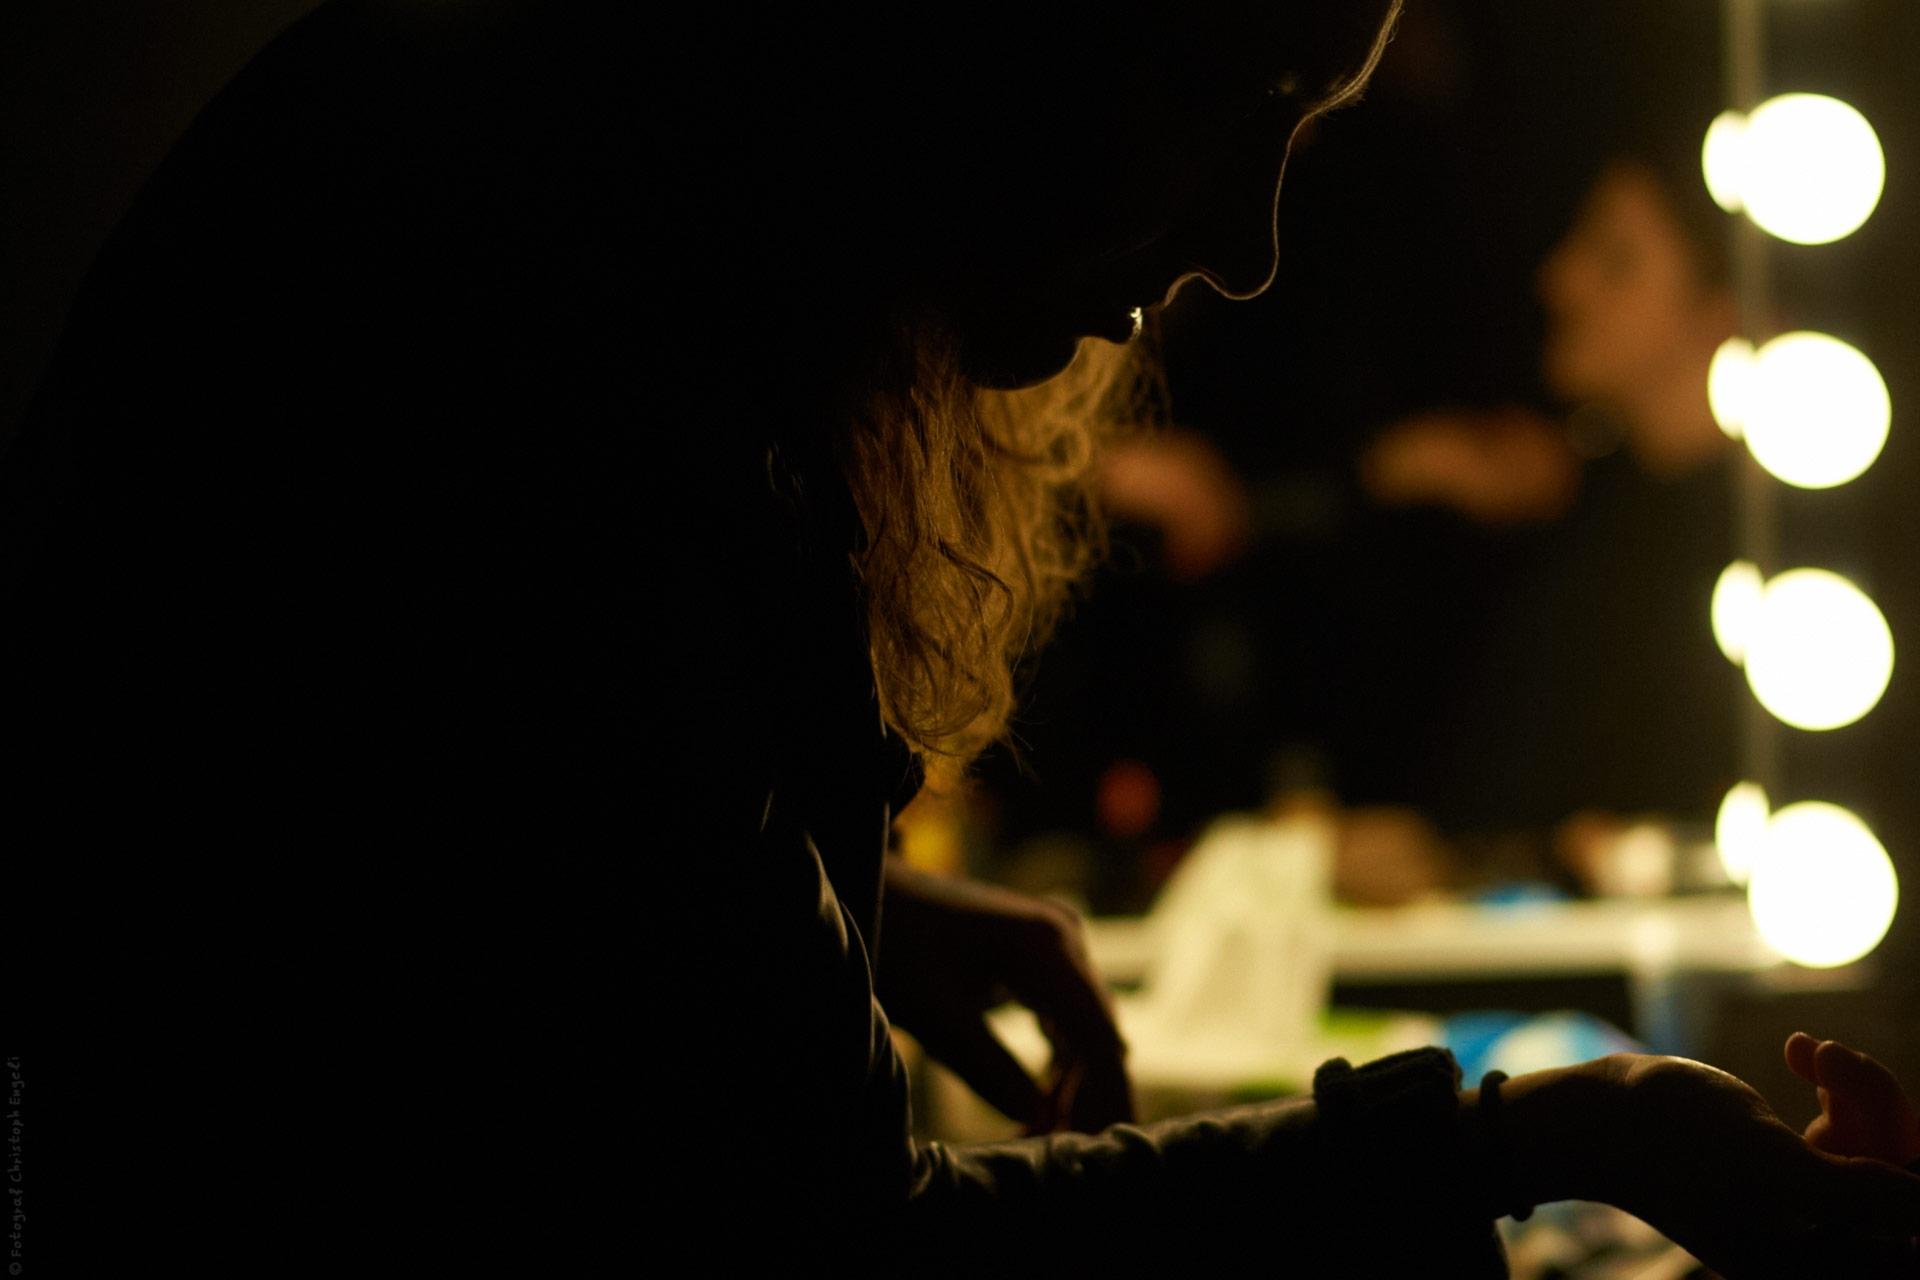 Tische mit Hintergrundbeleuchtung für die Visagistin